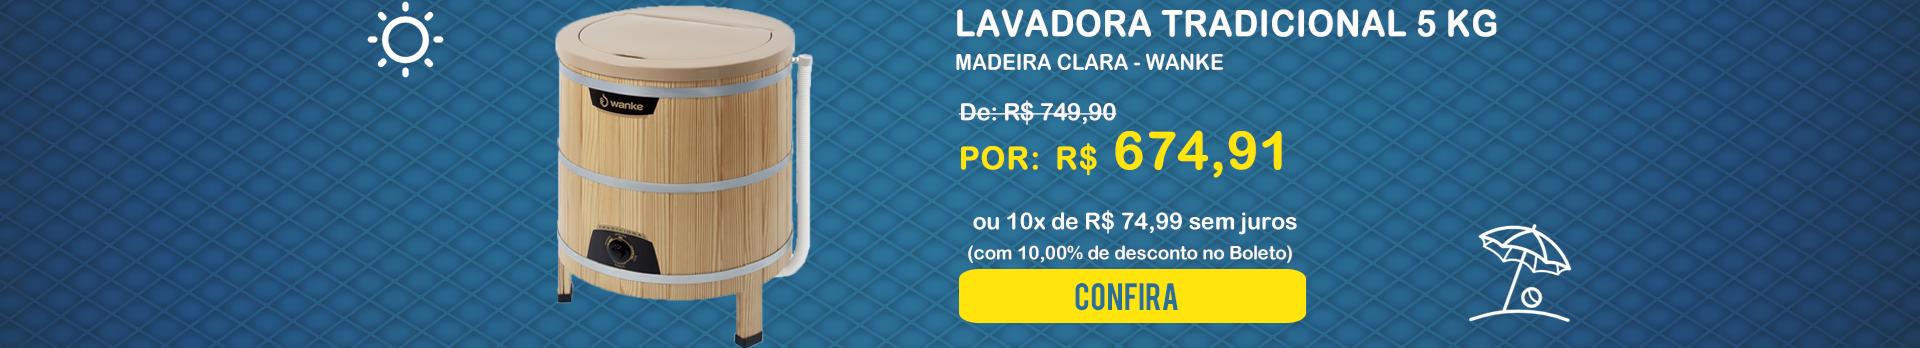 Lavadora Tradicional 5 kg Madeira Clara